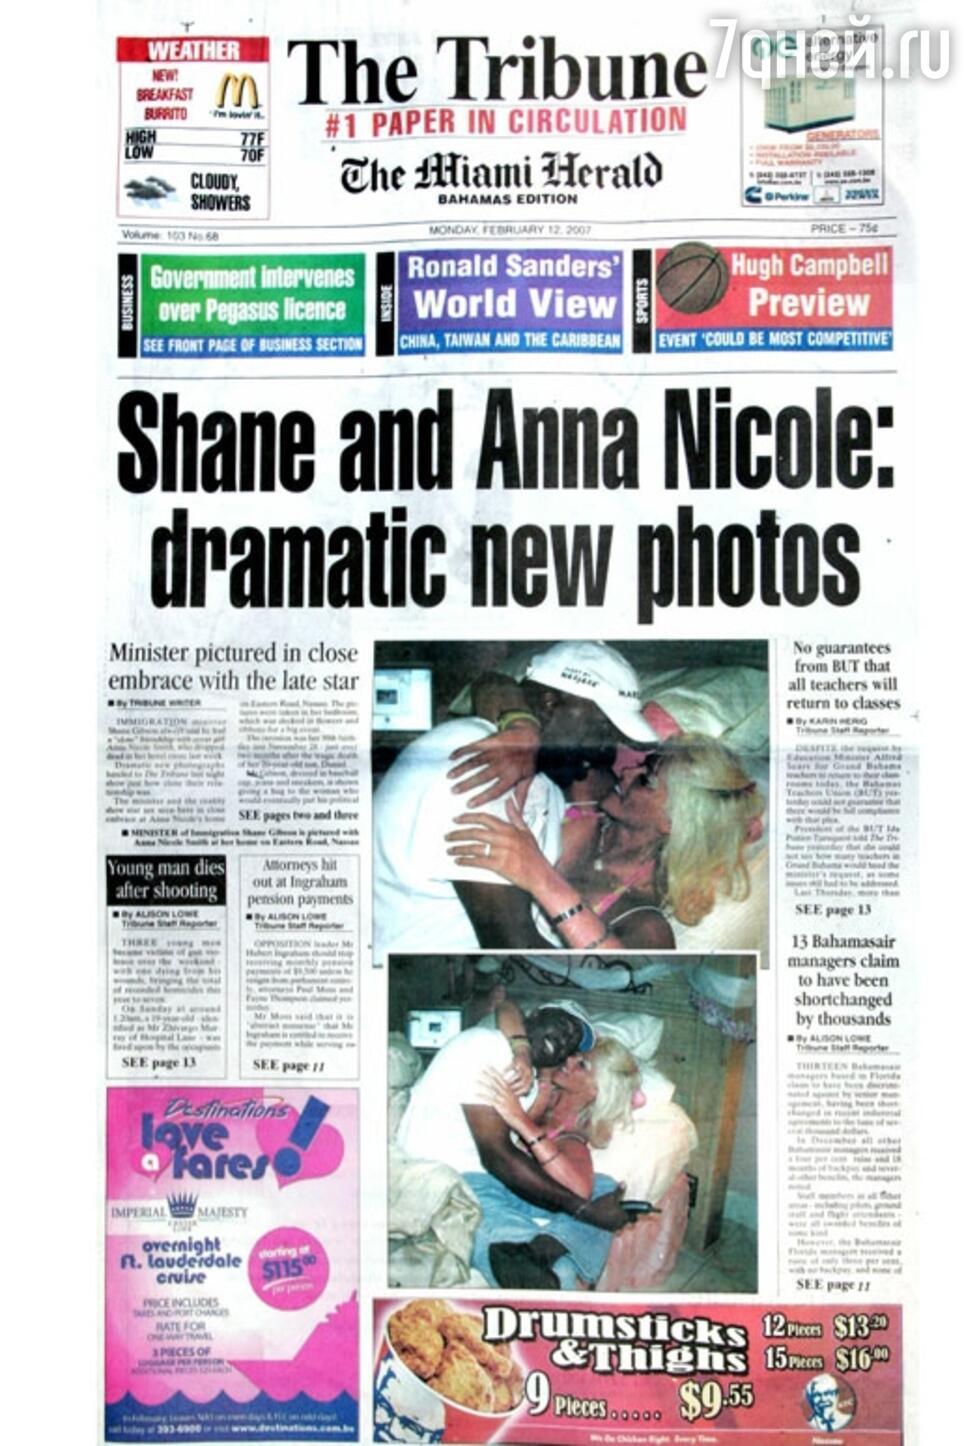 Выпуск газеты с фотографиями Анны Николь Смит и министра иммиграции Багамских островов